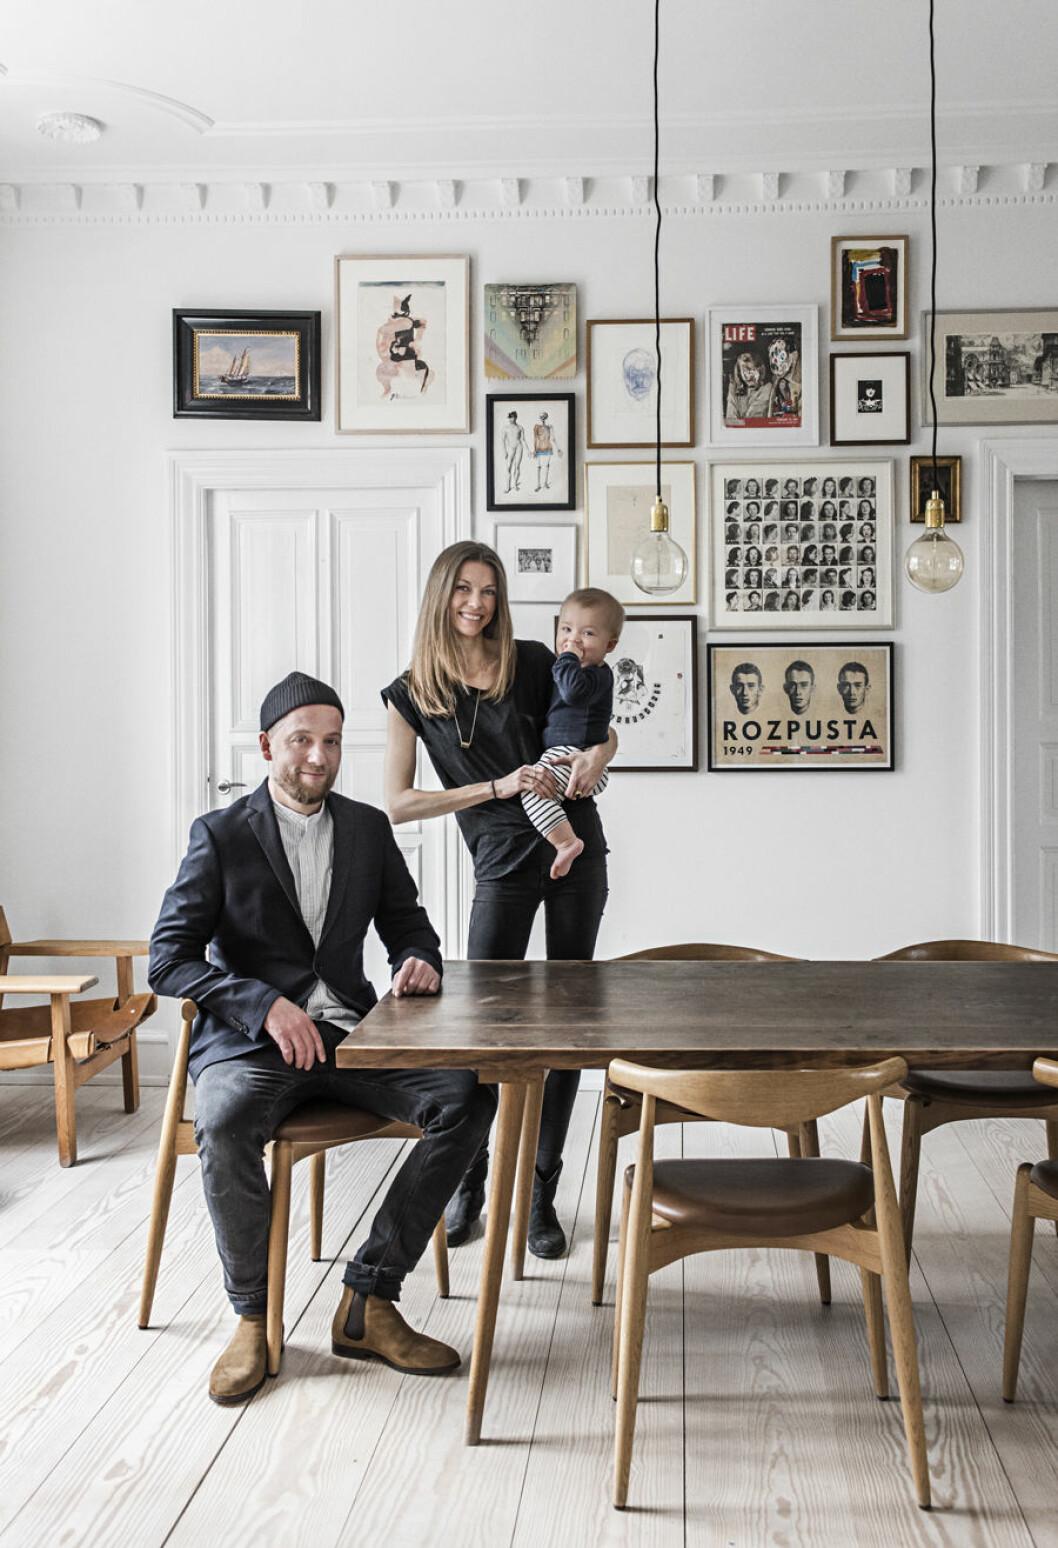 konstnären Kasper Eistrup och Marianne Mosbæk